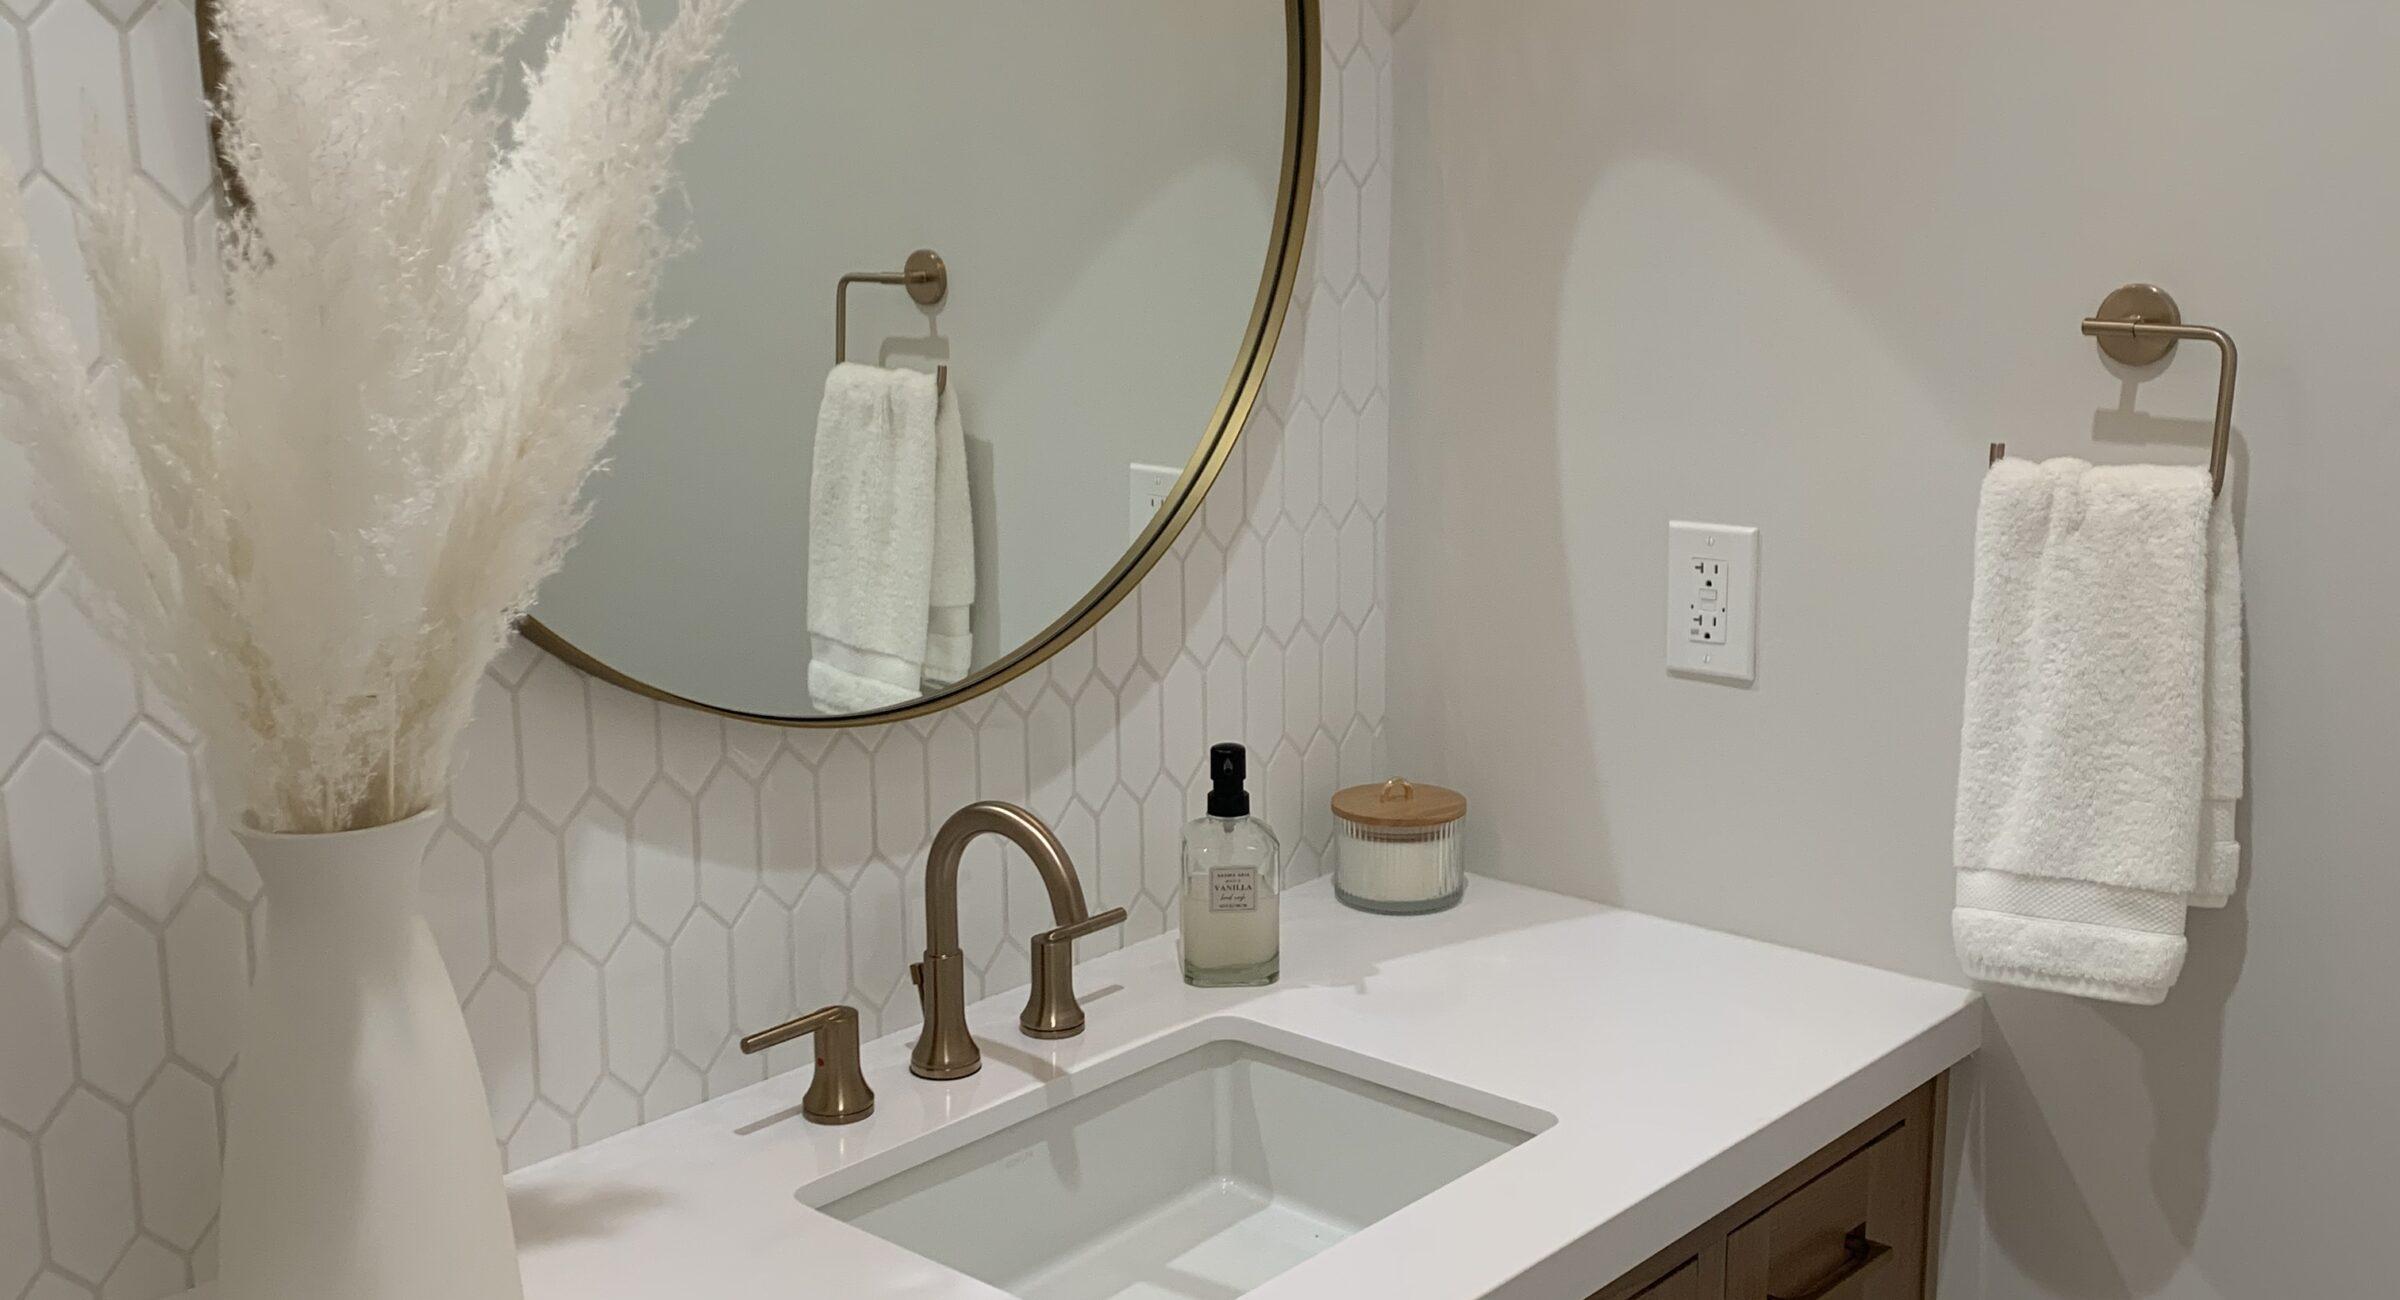 Silestone Iconic White Quartz